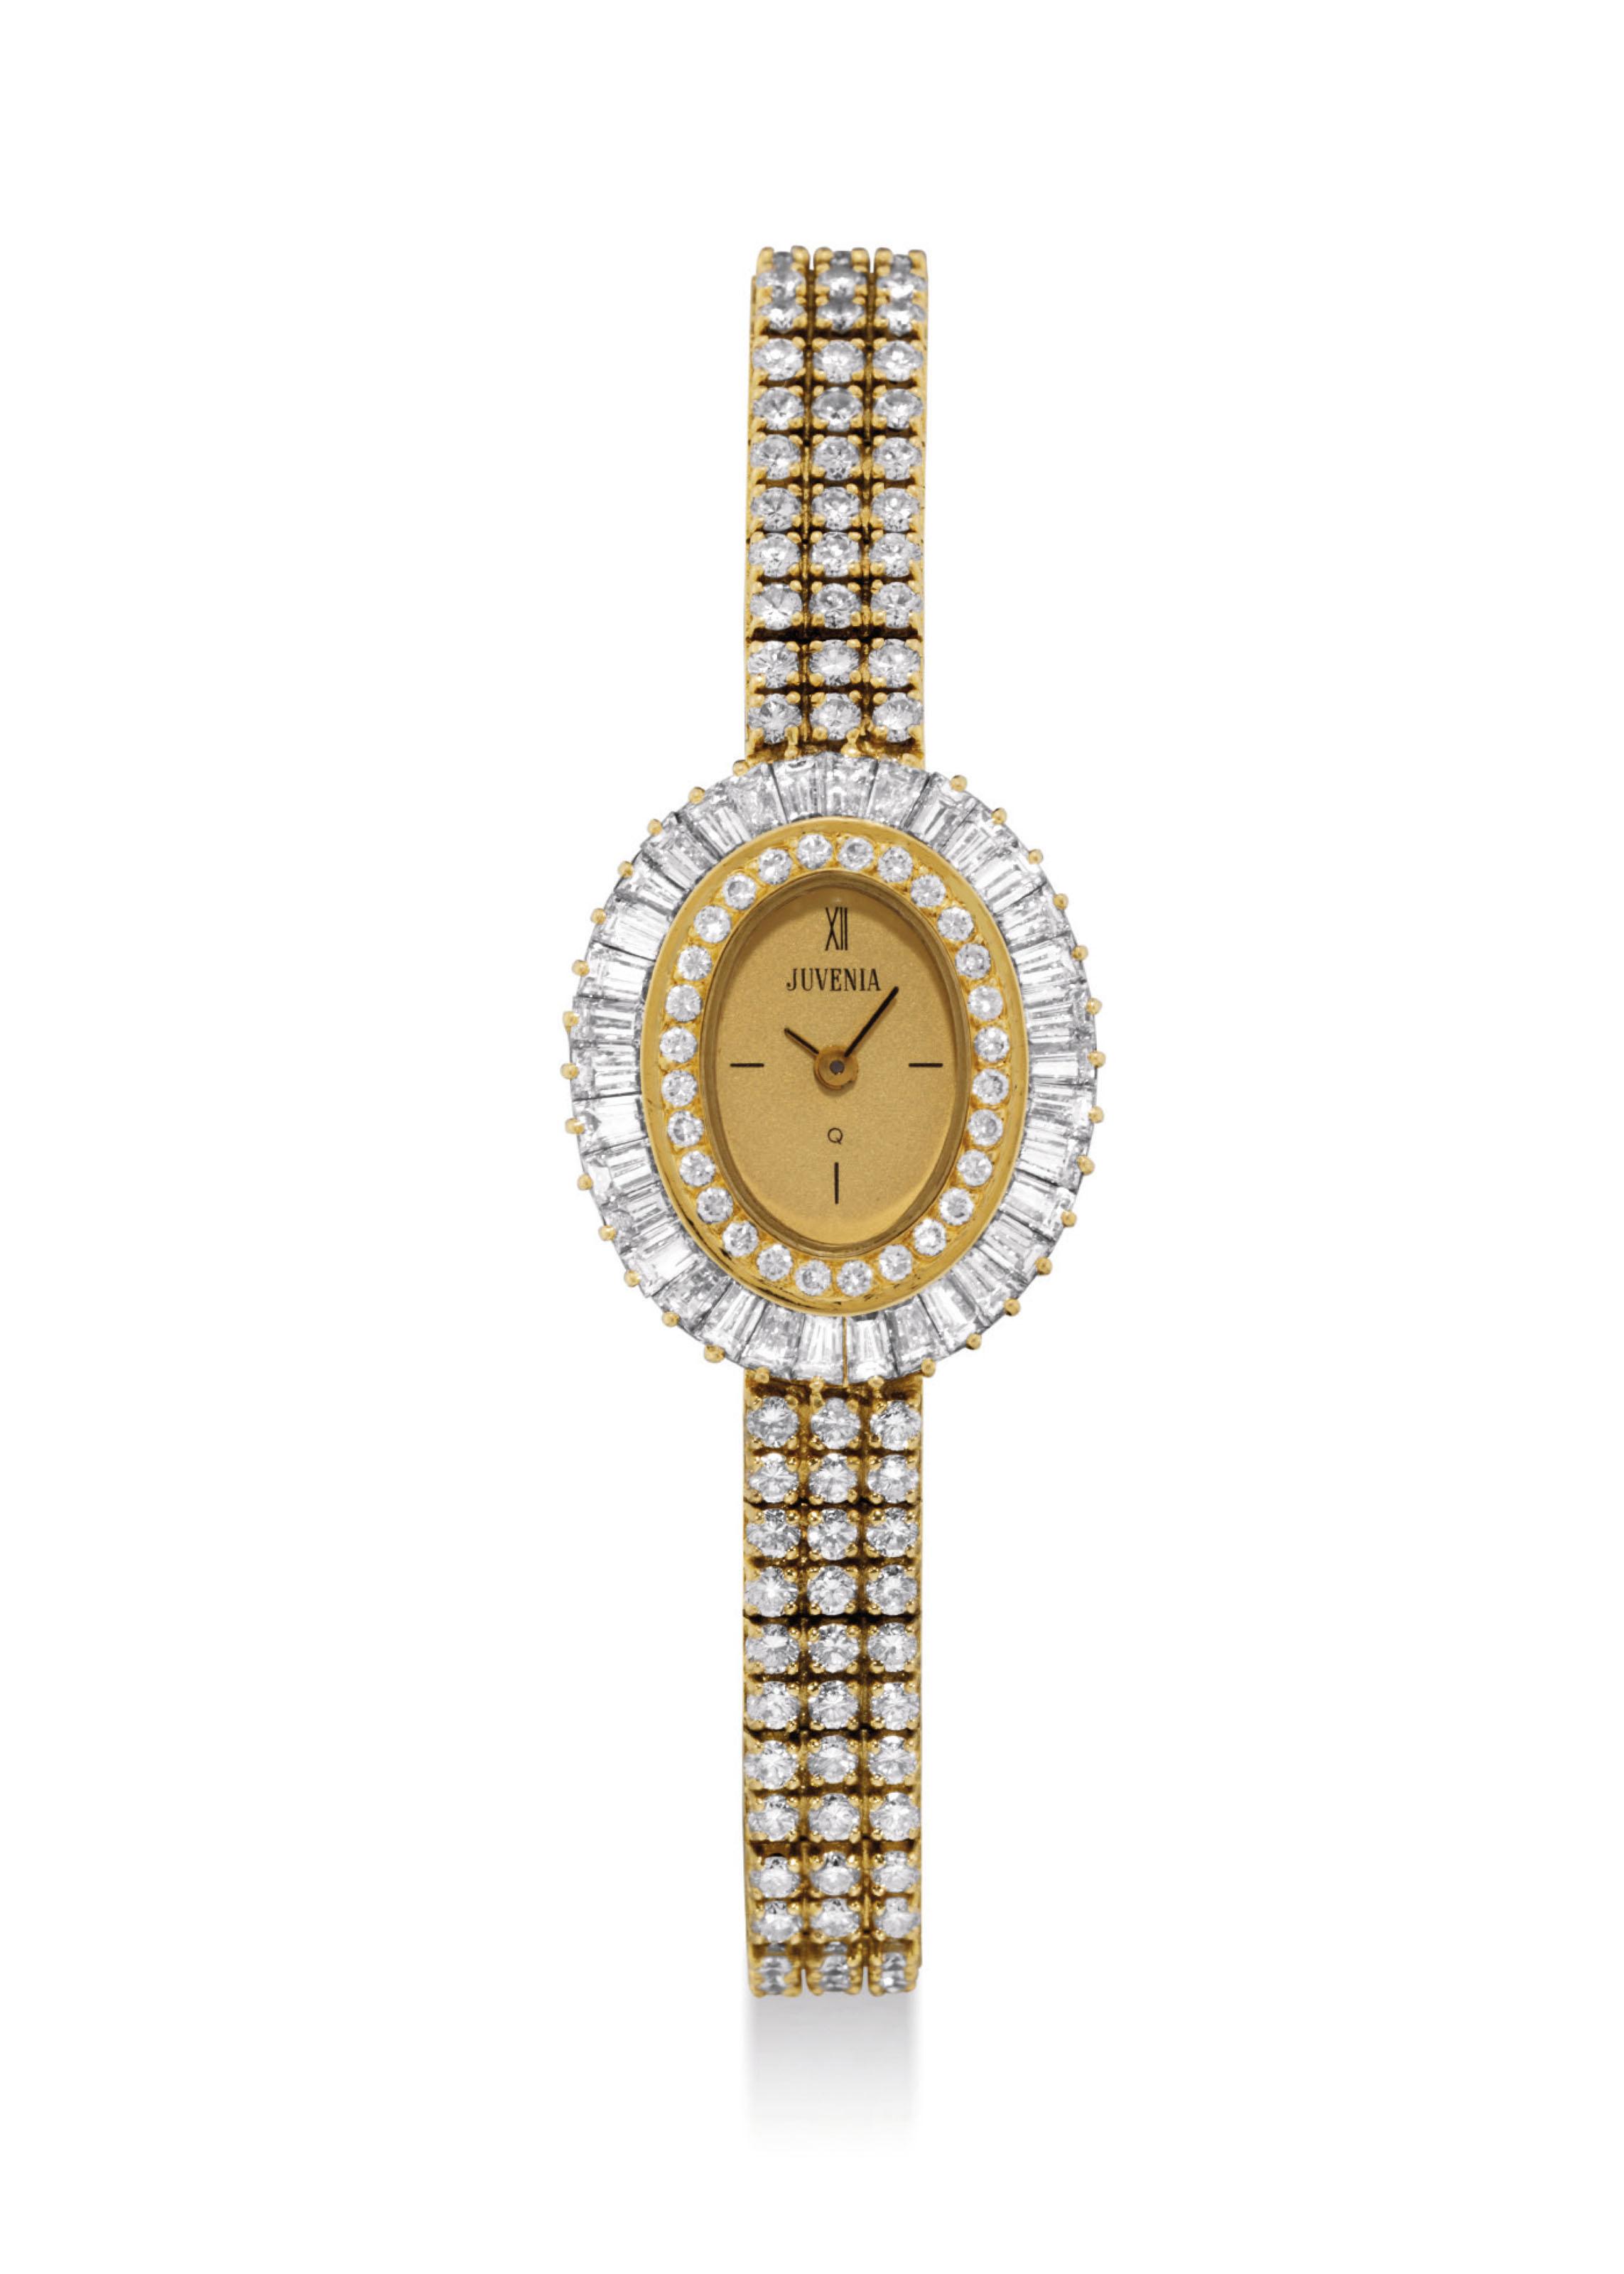 JUVENIA. A LADY'S 18K GOLD AND DIAMOND-SET OVAL BRACELET WATCH